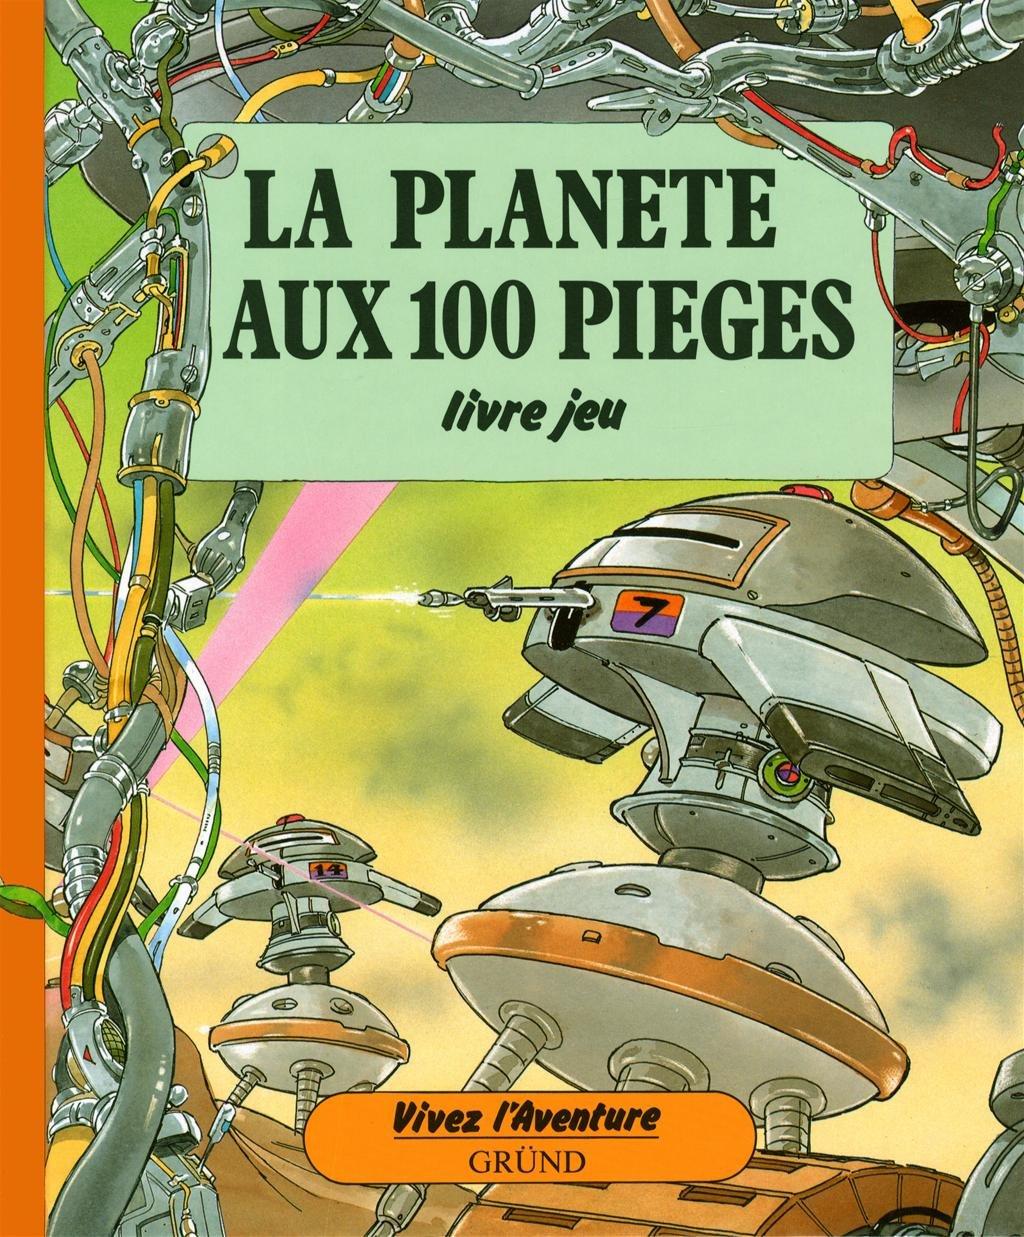 La Planete Aux 100 Pieges Livre Jeu Amazon Ca Patrick